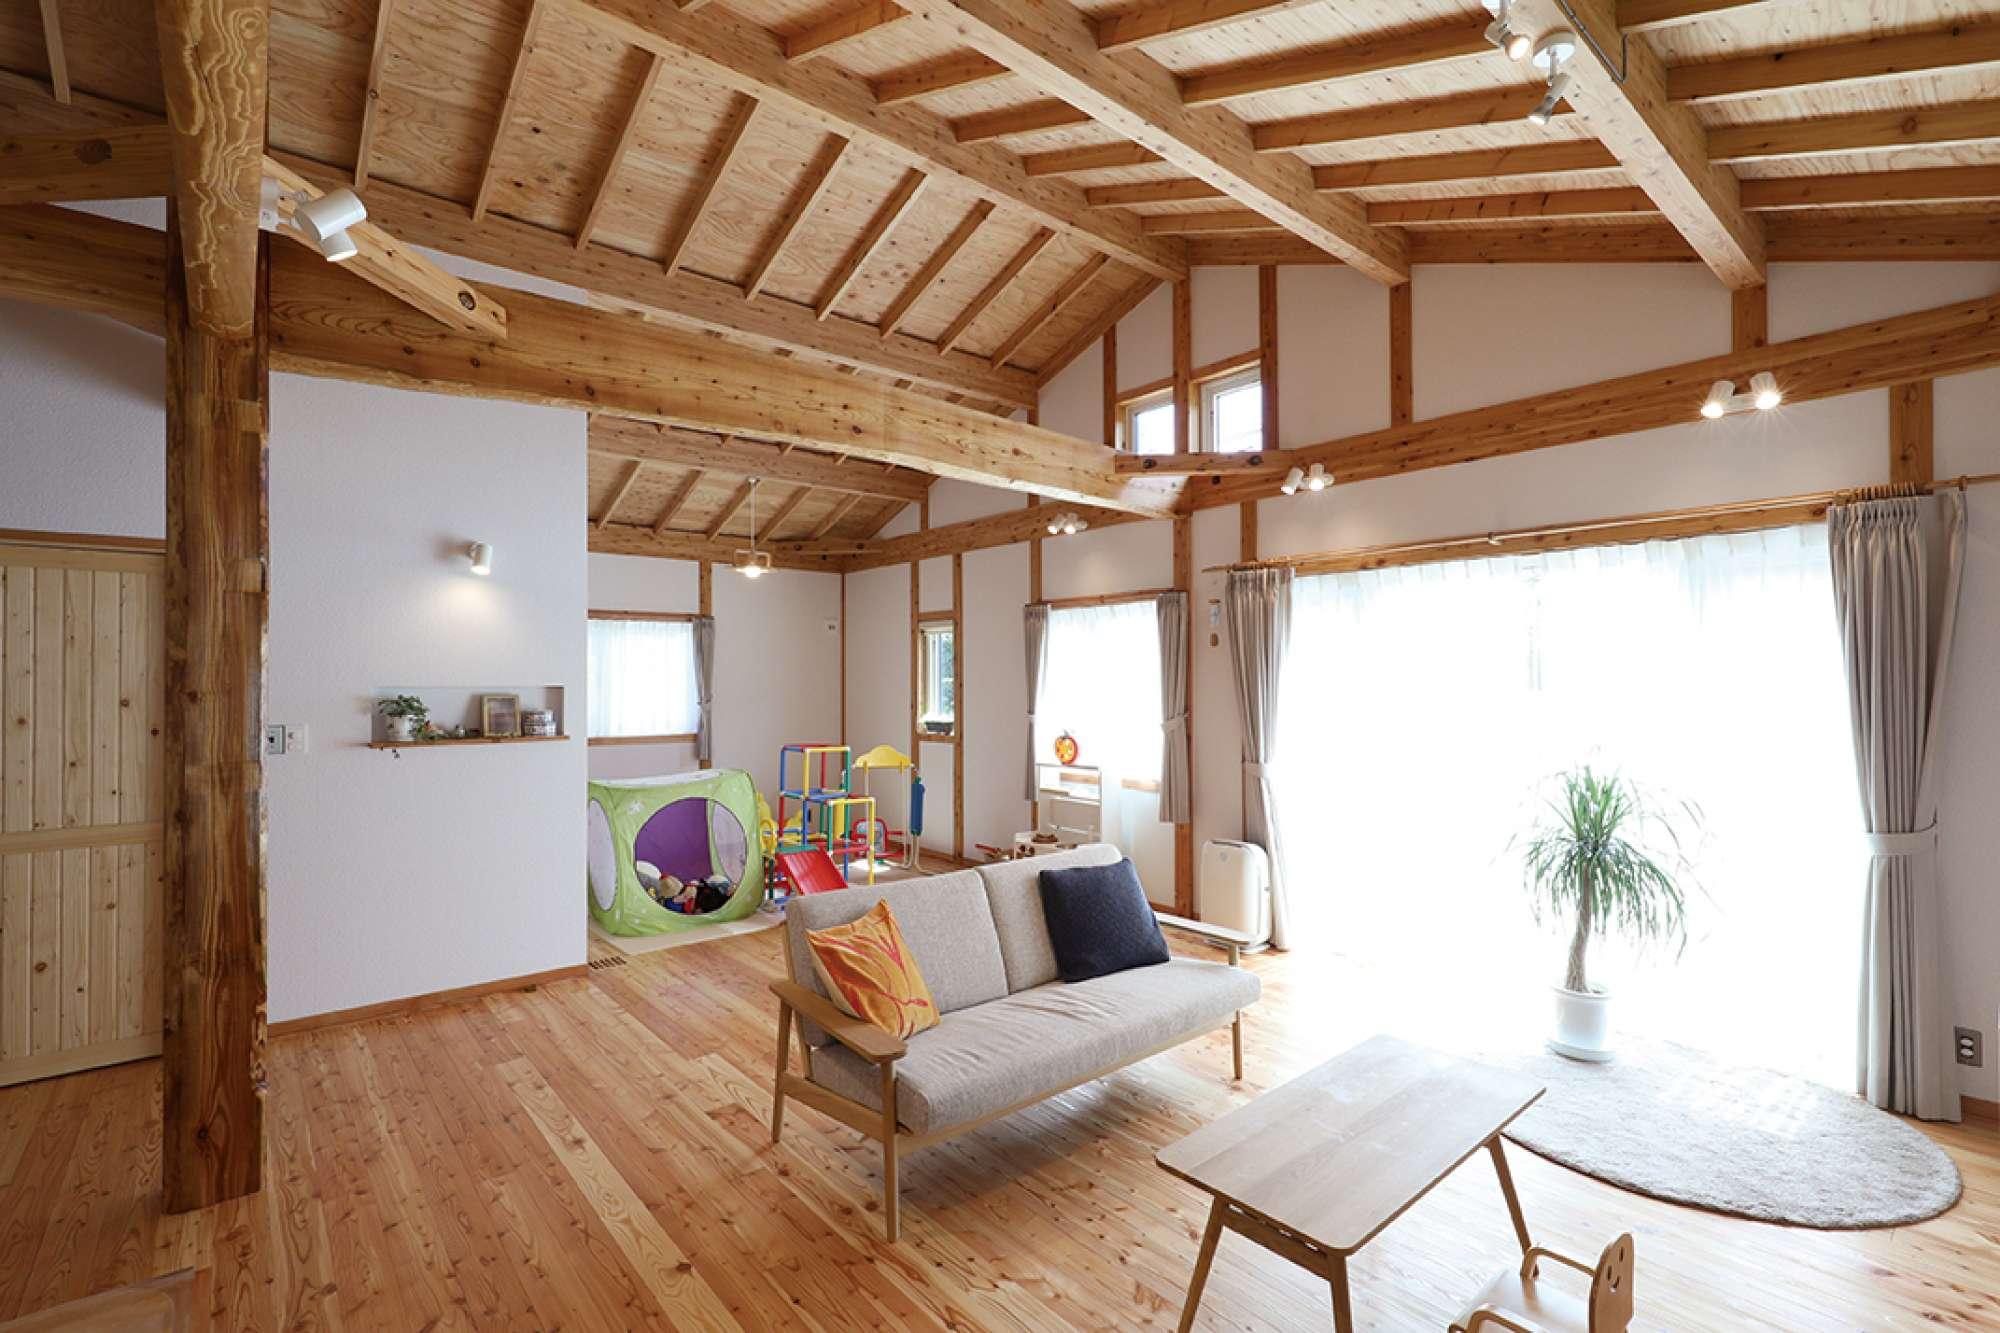 原木梁と大黒柱、表しの天井、木の魅力あふれる室内 -  -  -